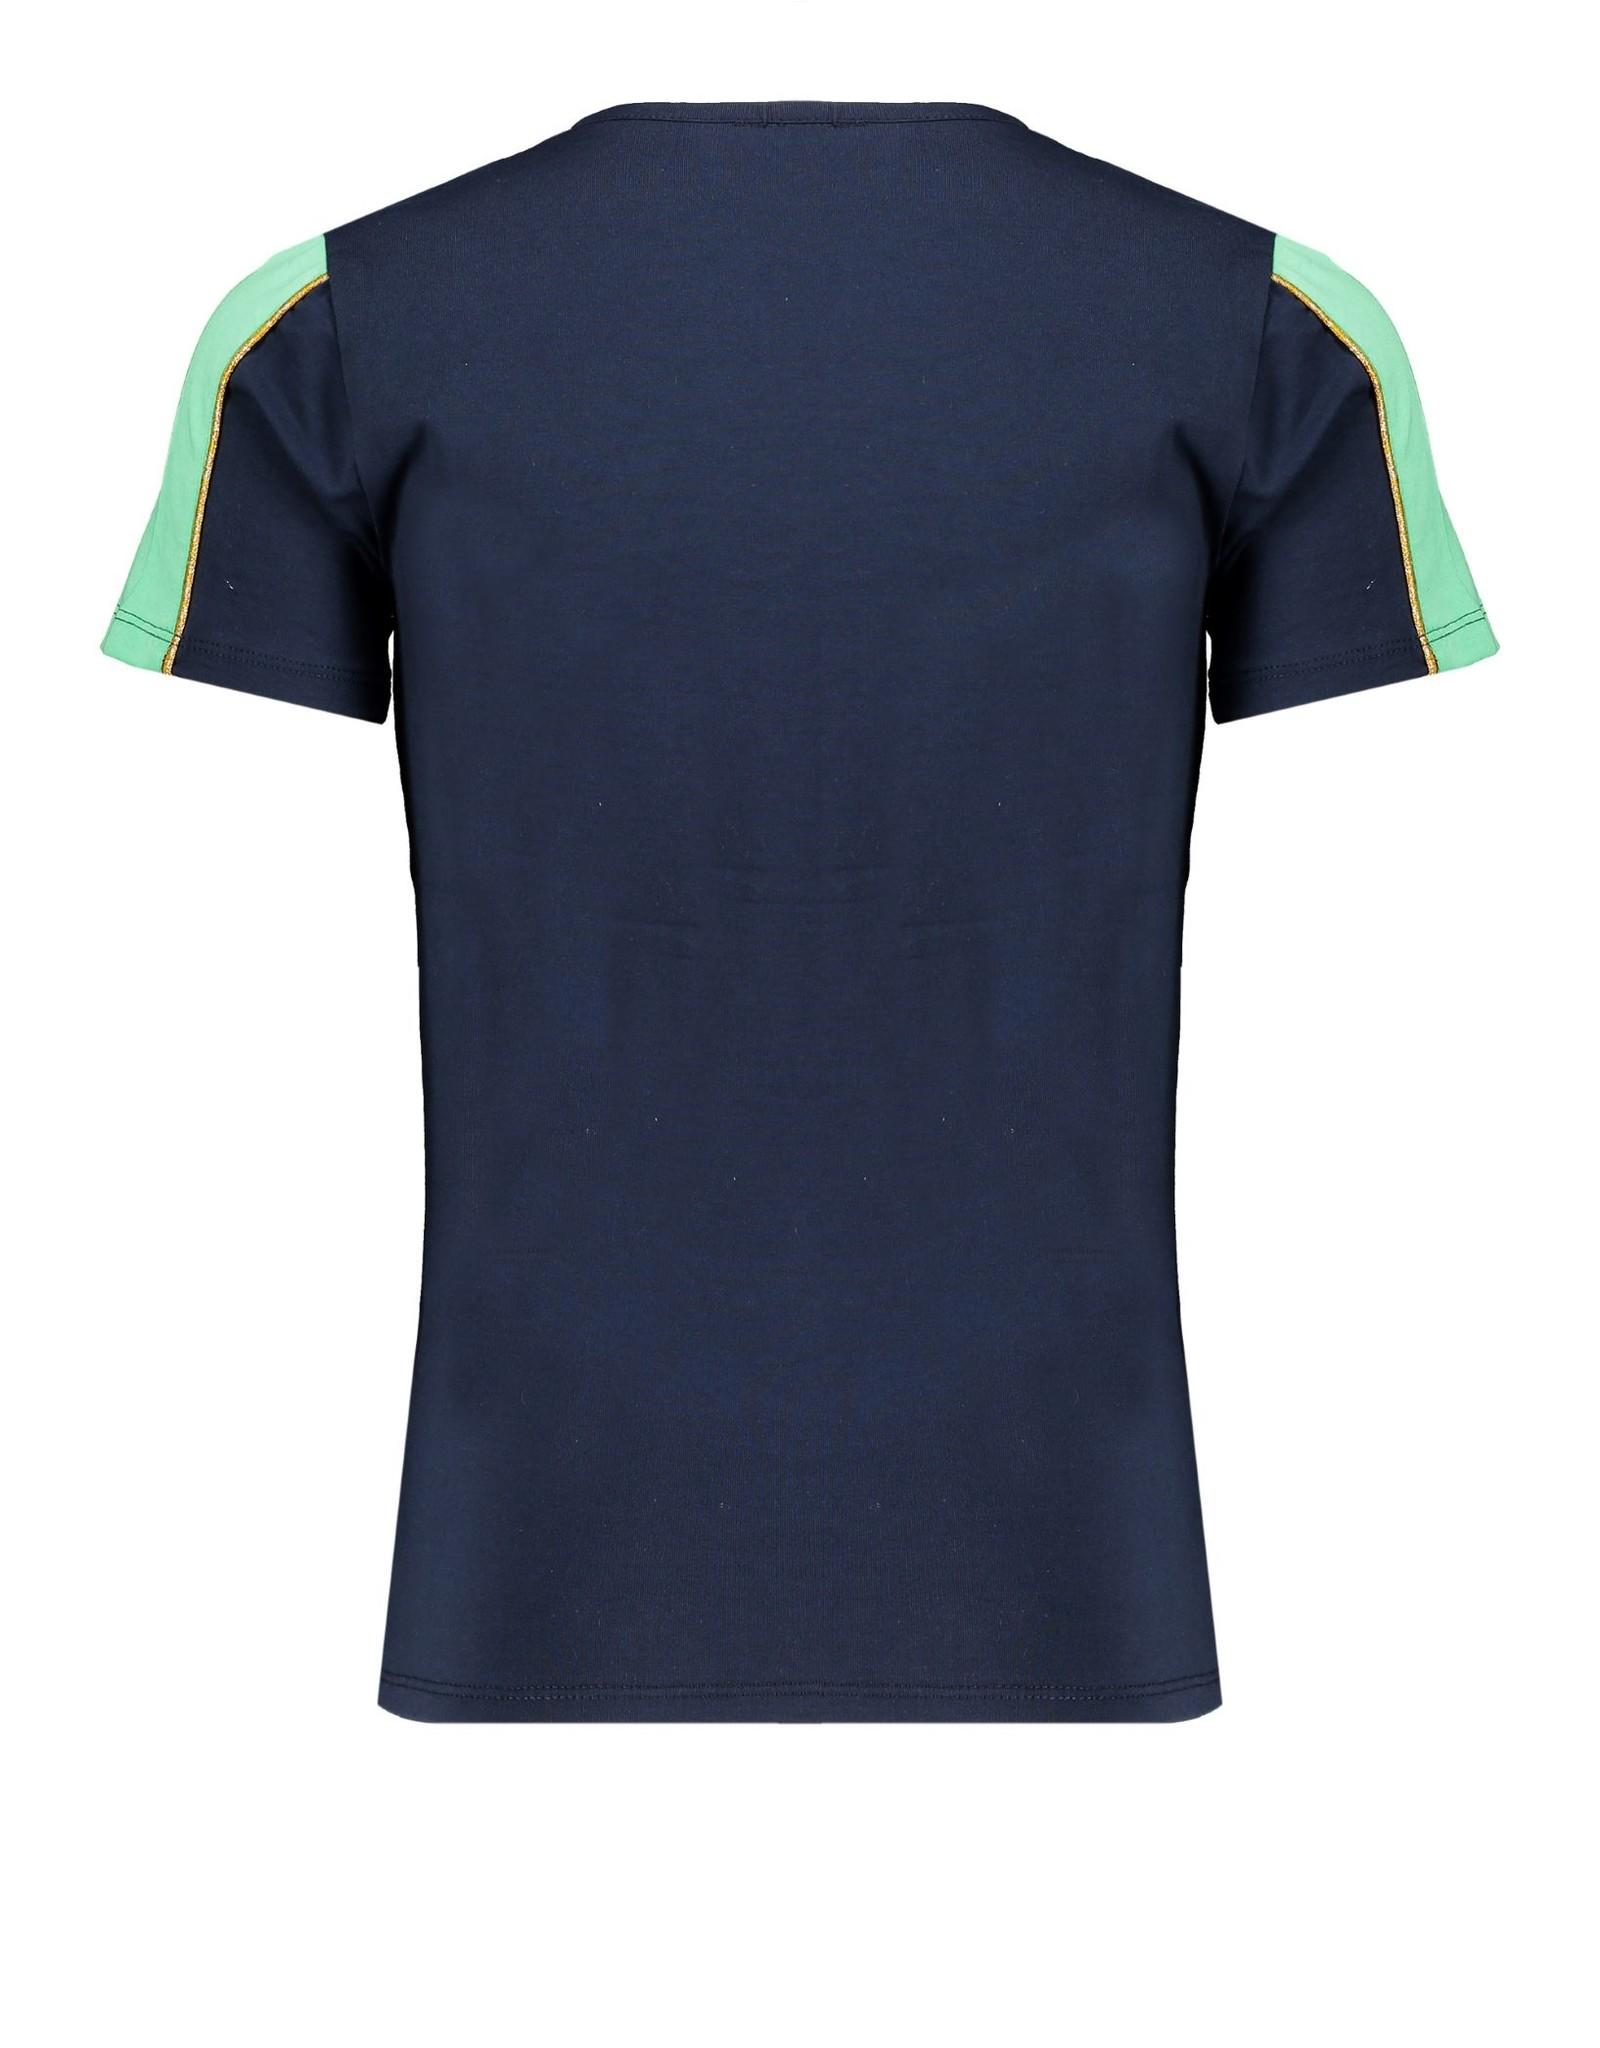 NoBell NoBell shirt 3406 grey navy